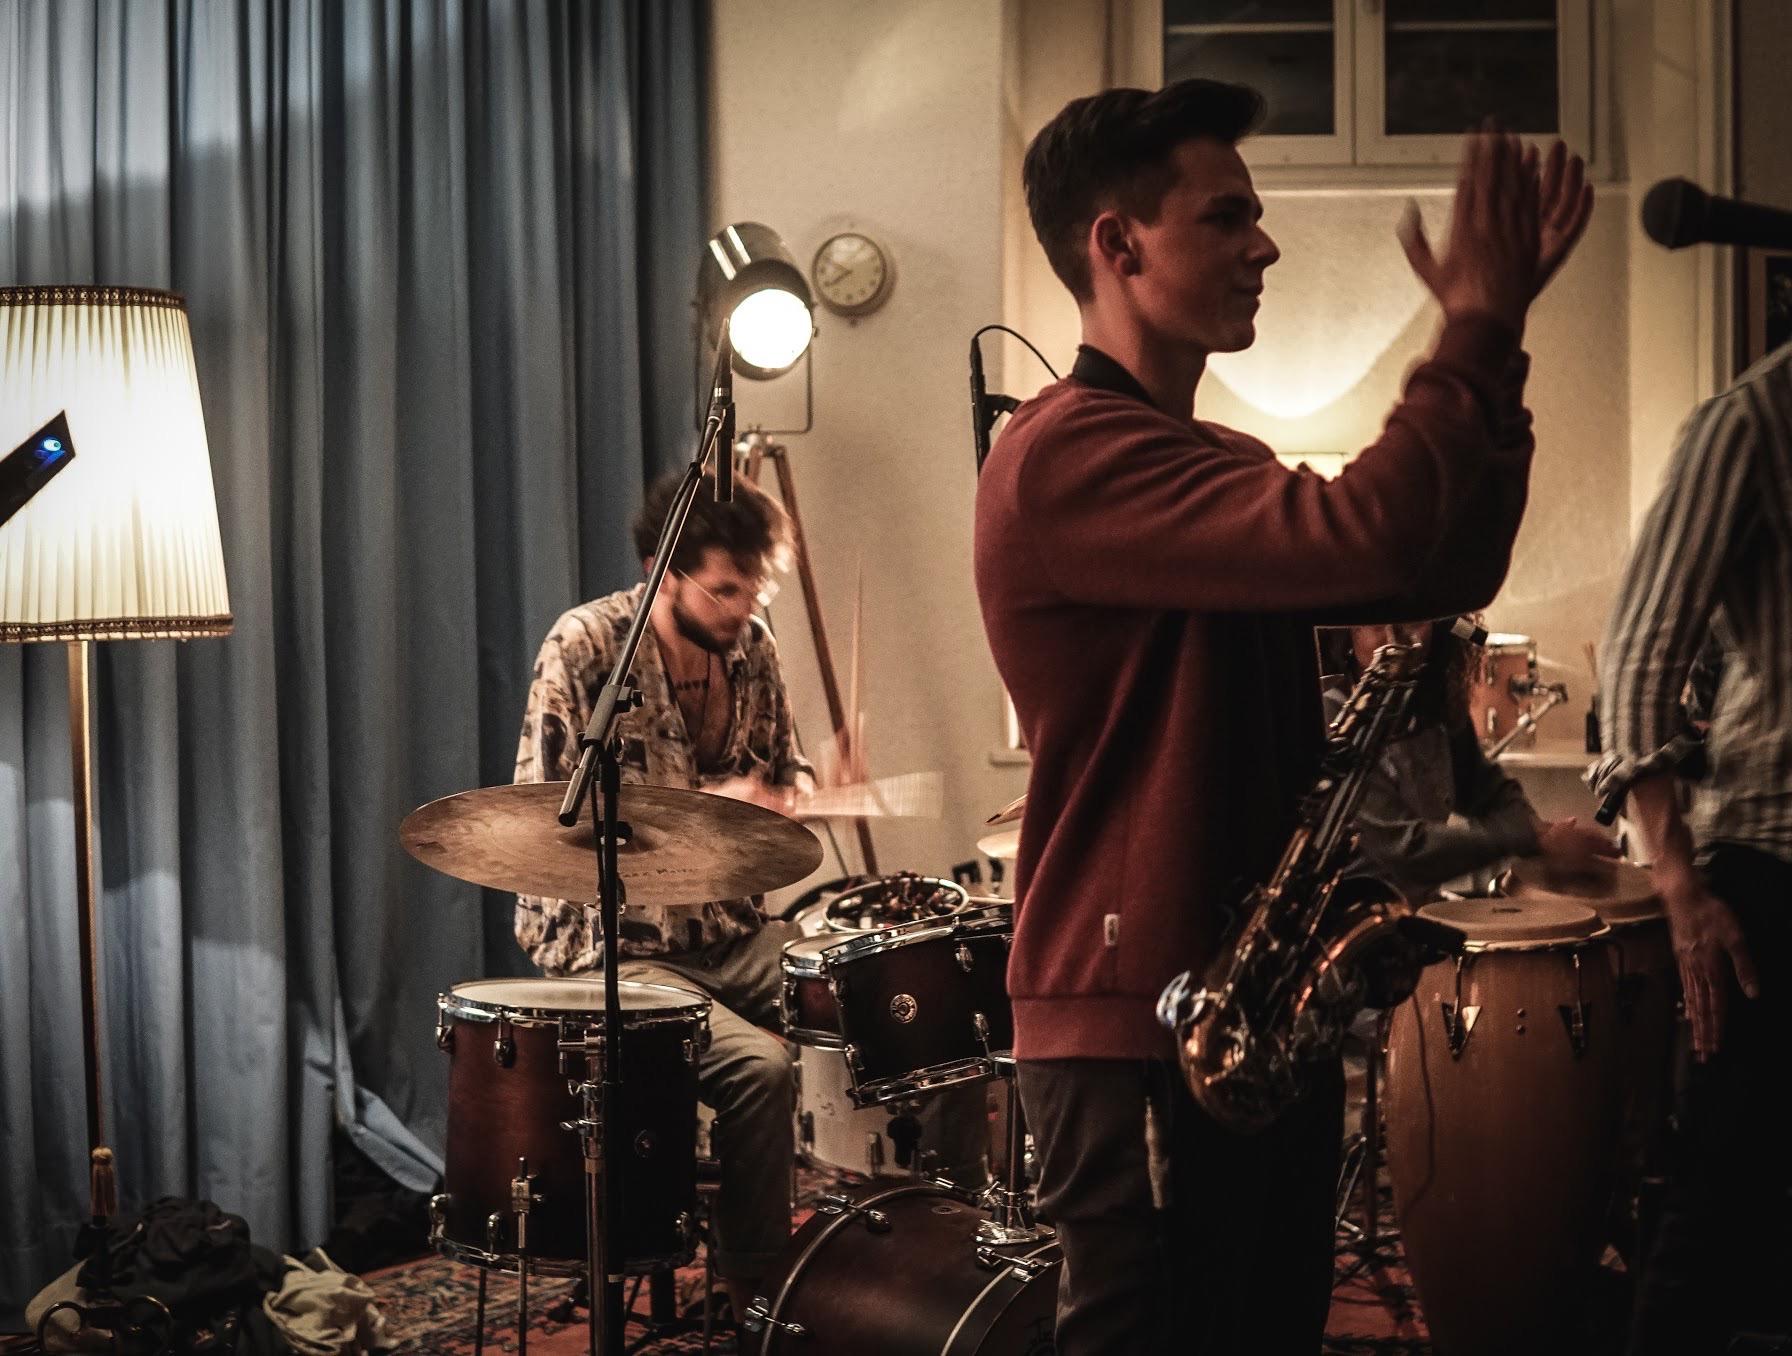 Kevin Gabriel (Melodiesinfonie), drums & Mathieu Bitz (inemusige), alto sax